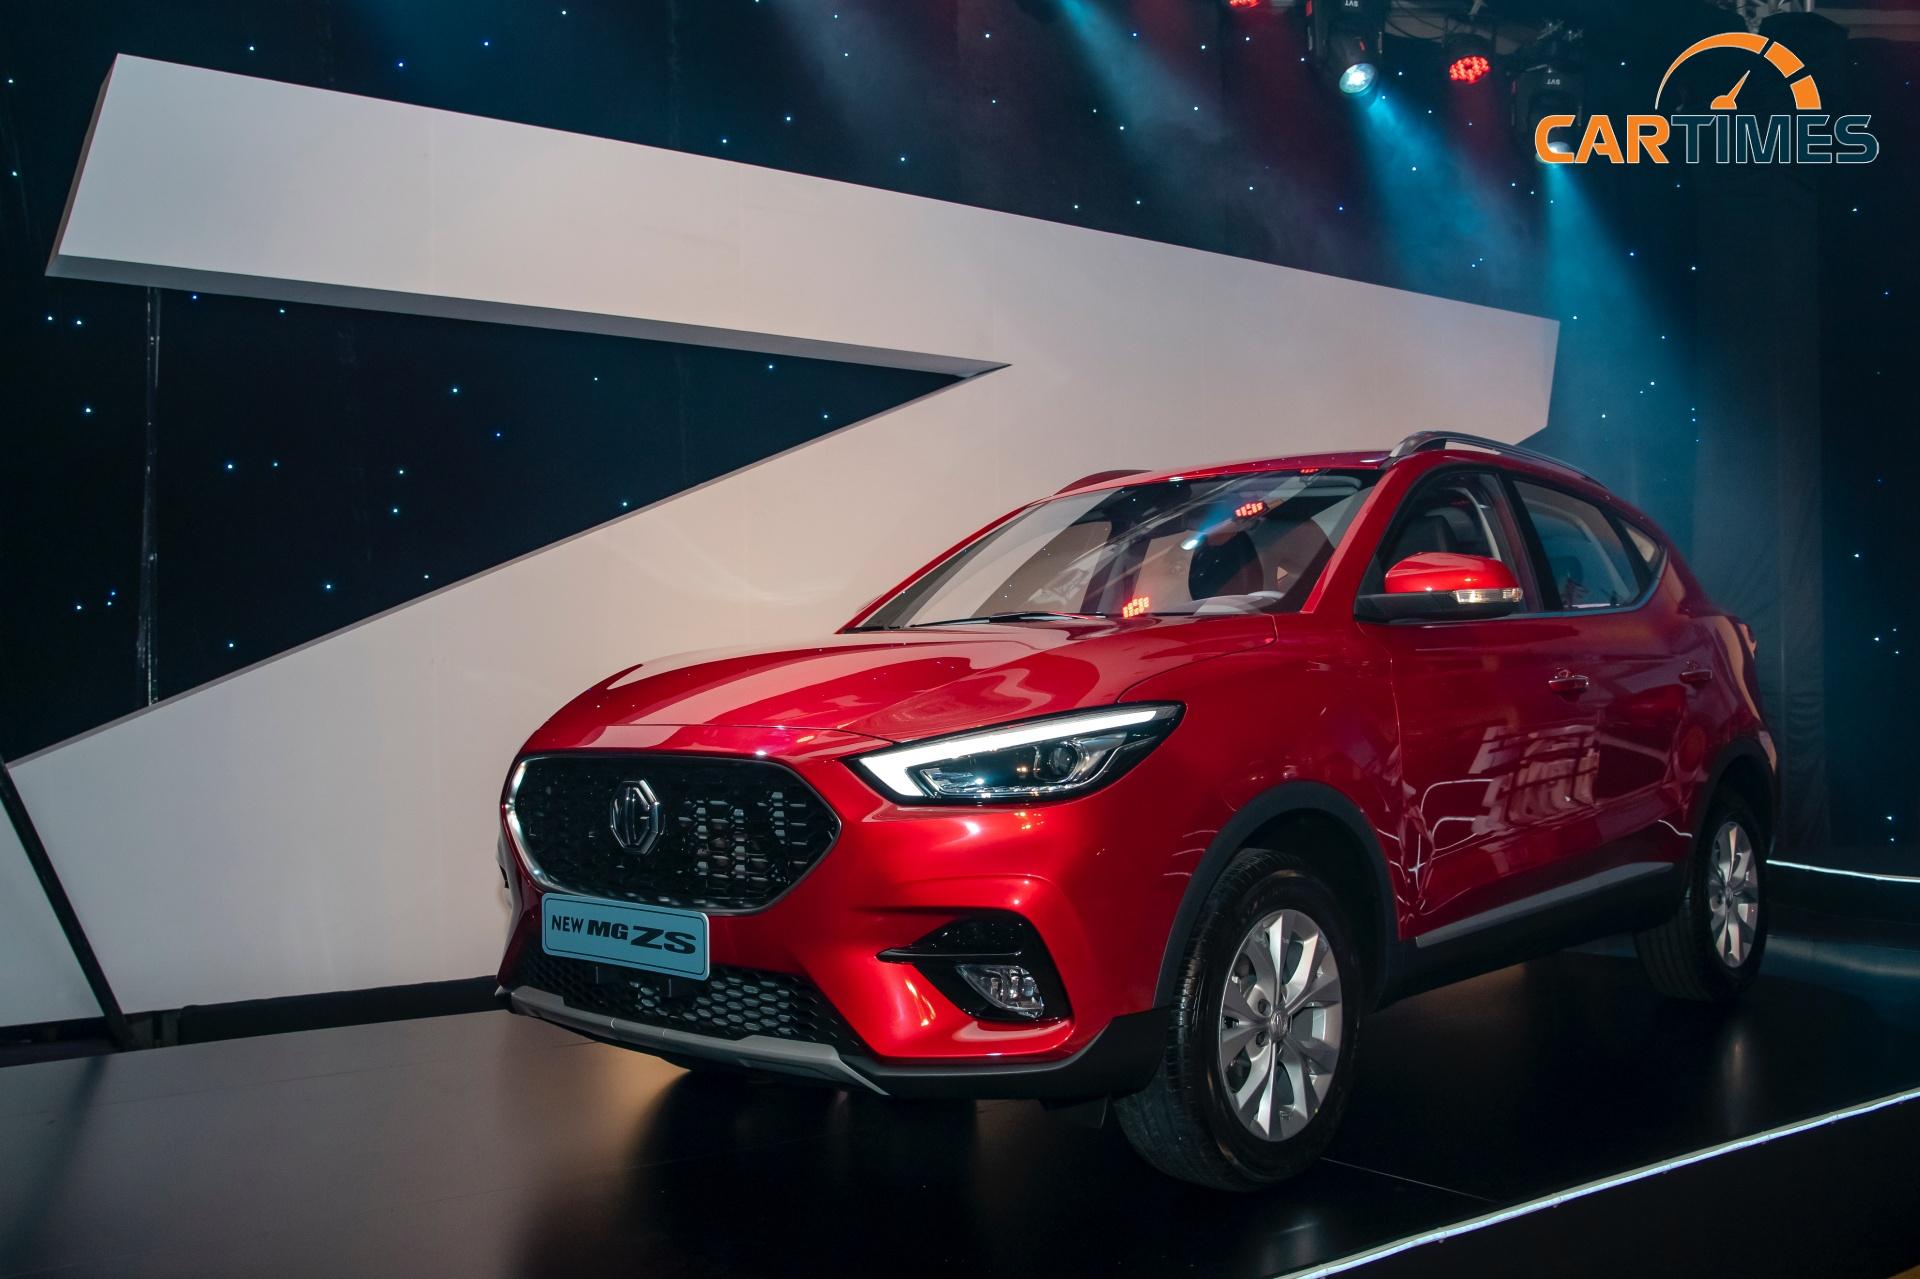 MG ZS phiên bản nâng cấp ra mắt thị trường Việt Nam giá từ 569 triệu đồng